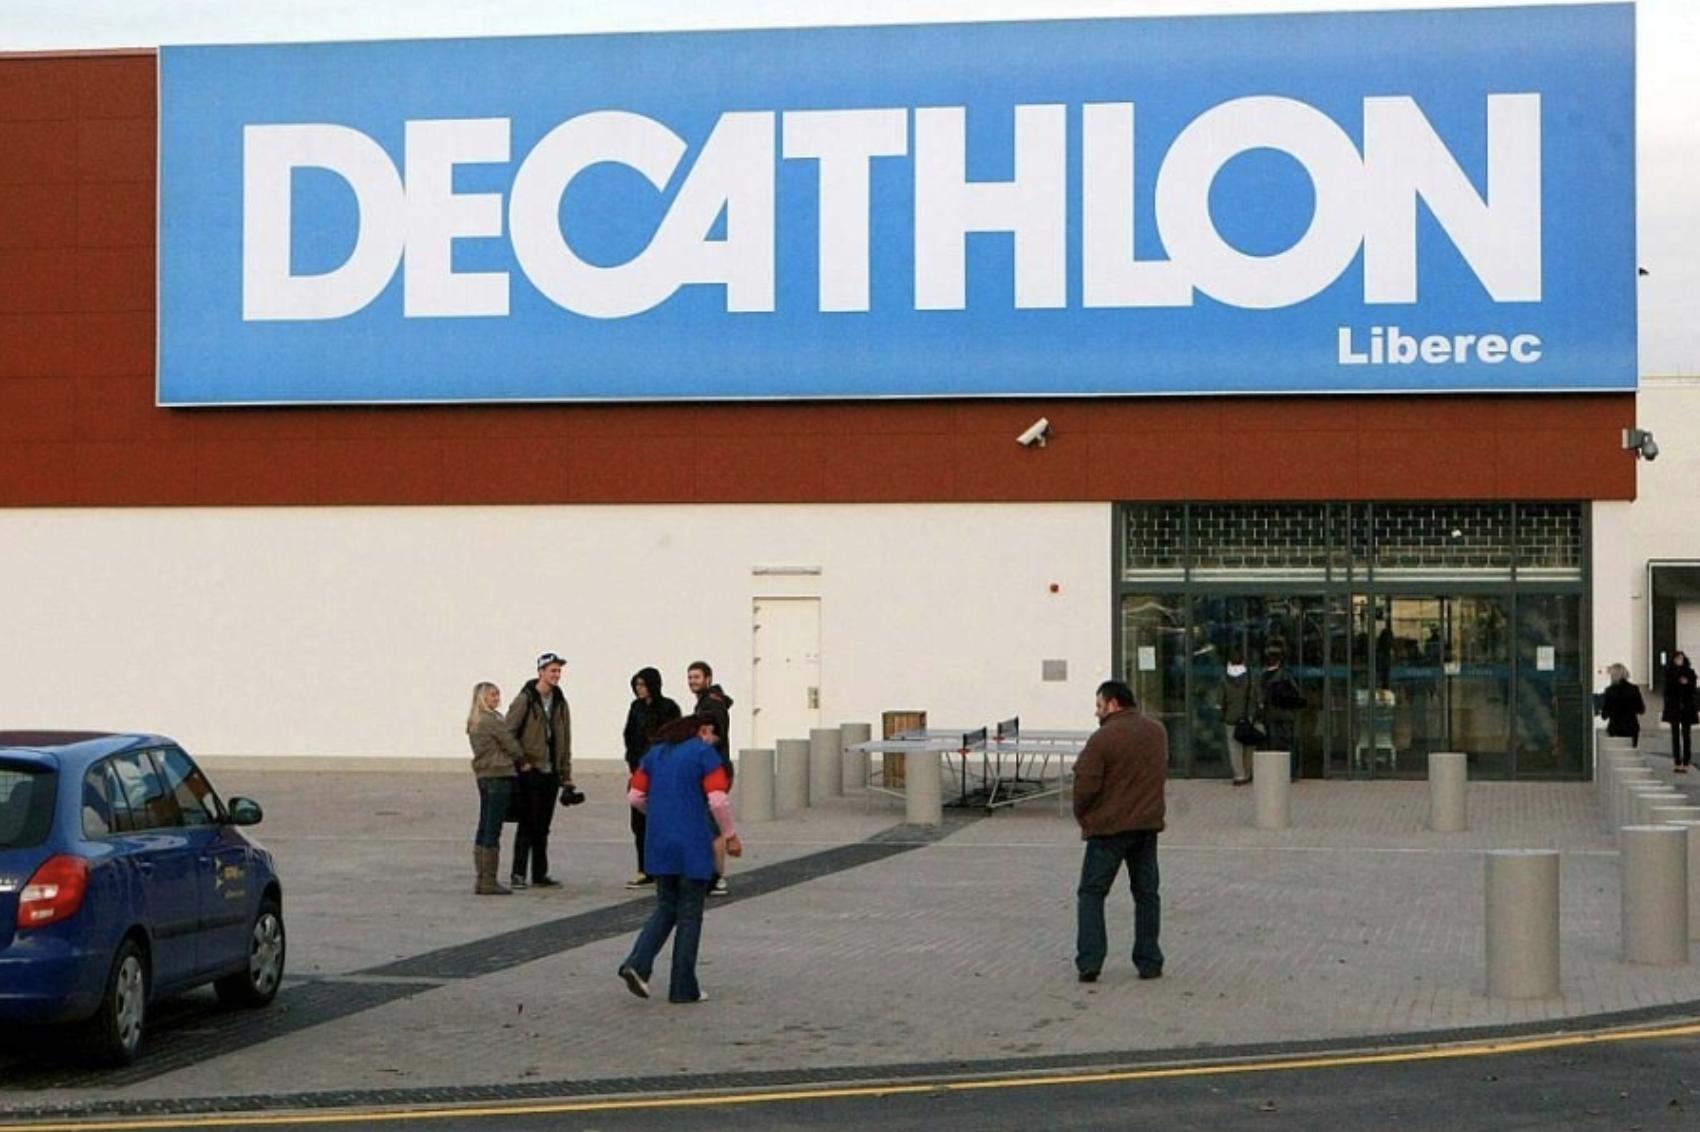 Decathlon Liberec